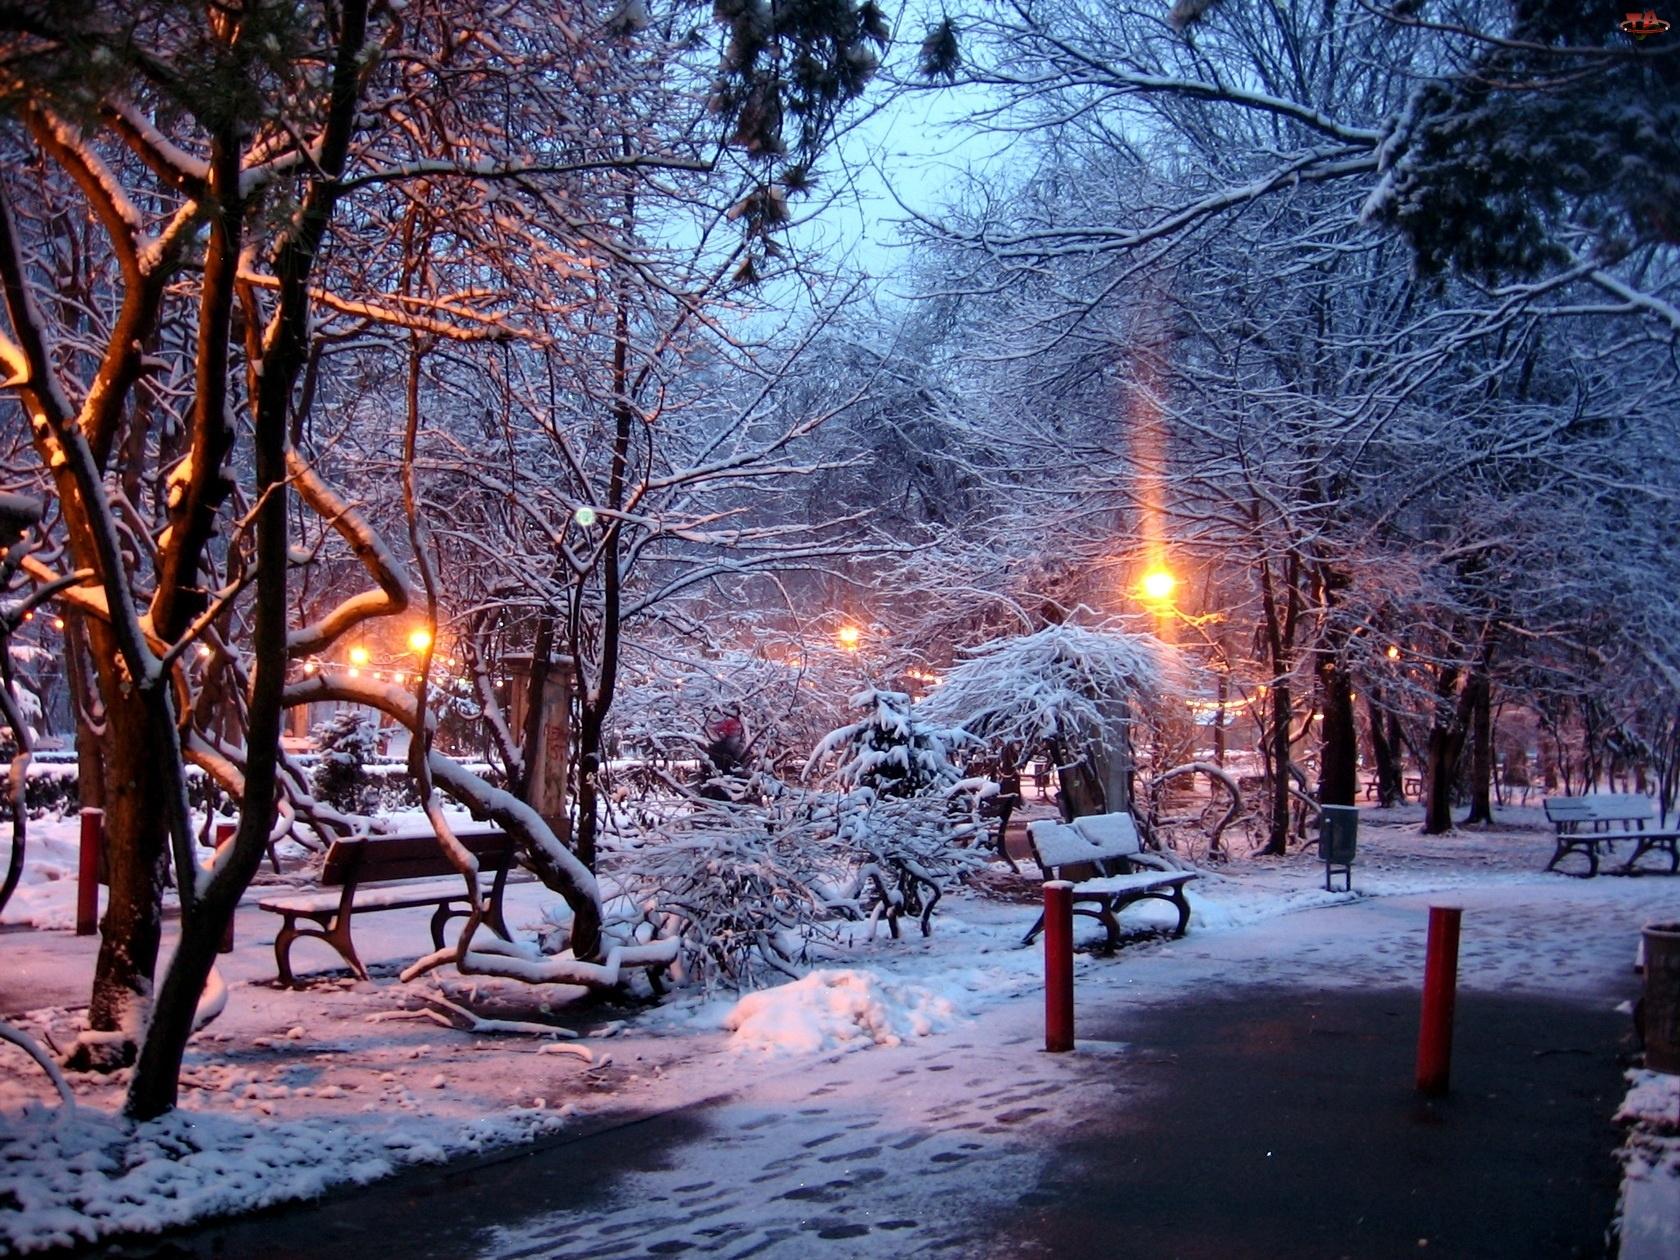 Ławki, Światło, Park, Zima, Drzewa, Przebijające